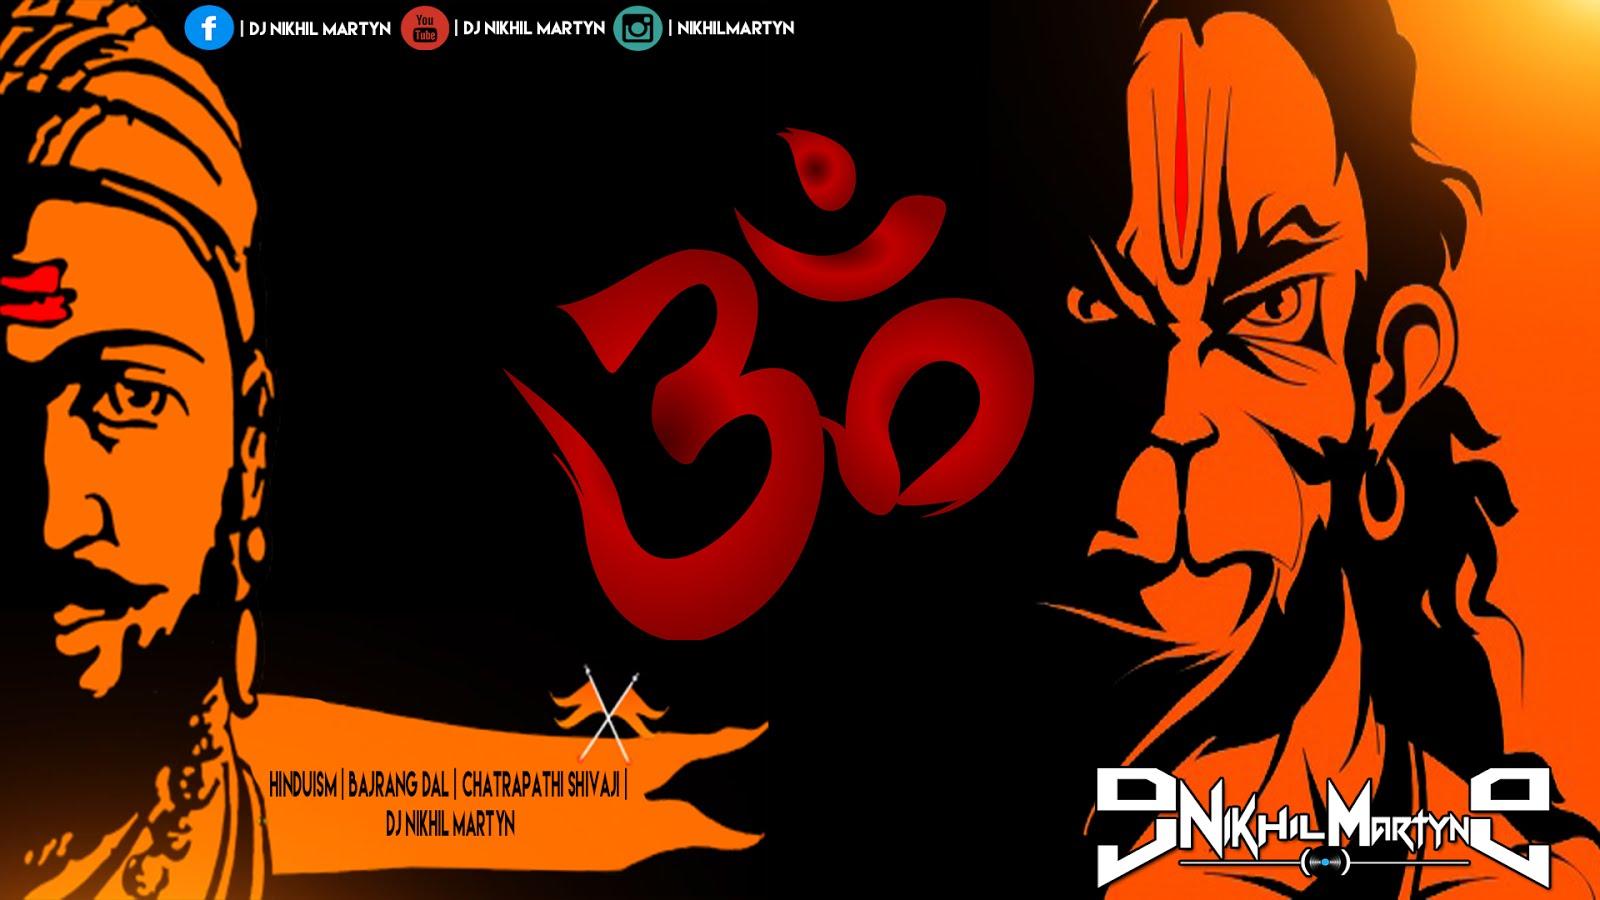 Jai Sree Ram Hinduism Bajrang Dal Chatrapathi